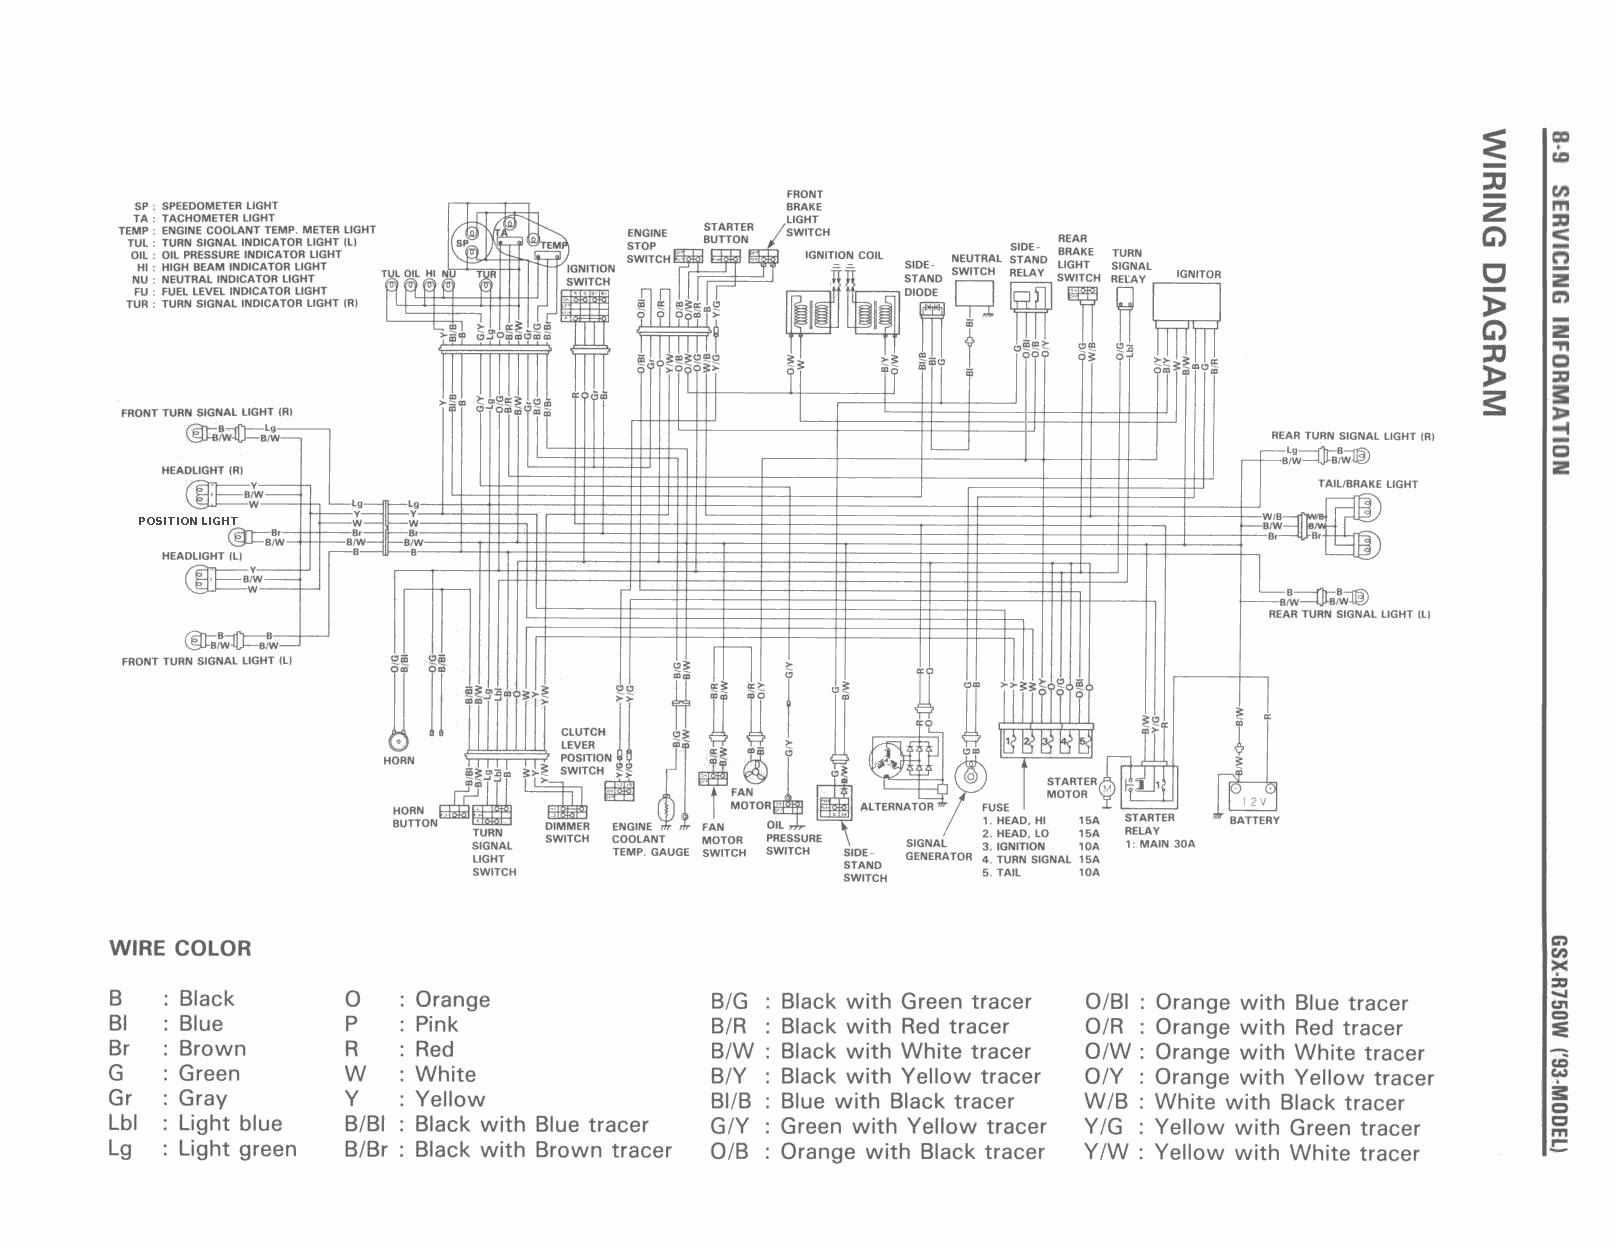 honda starter wiring diagram, gsxr 600 engine identification, gsxr 600  starter relay, gsxr